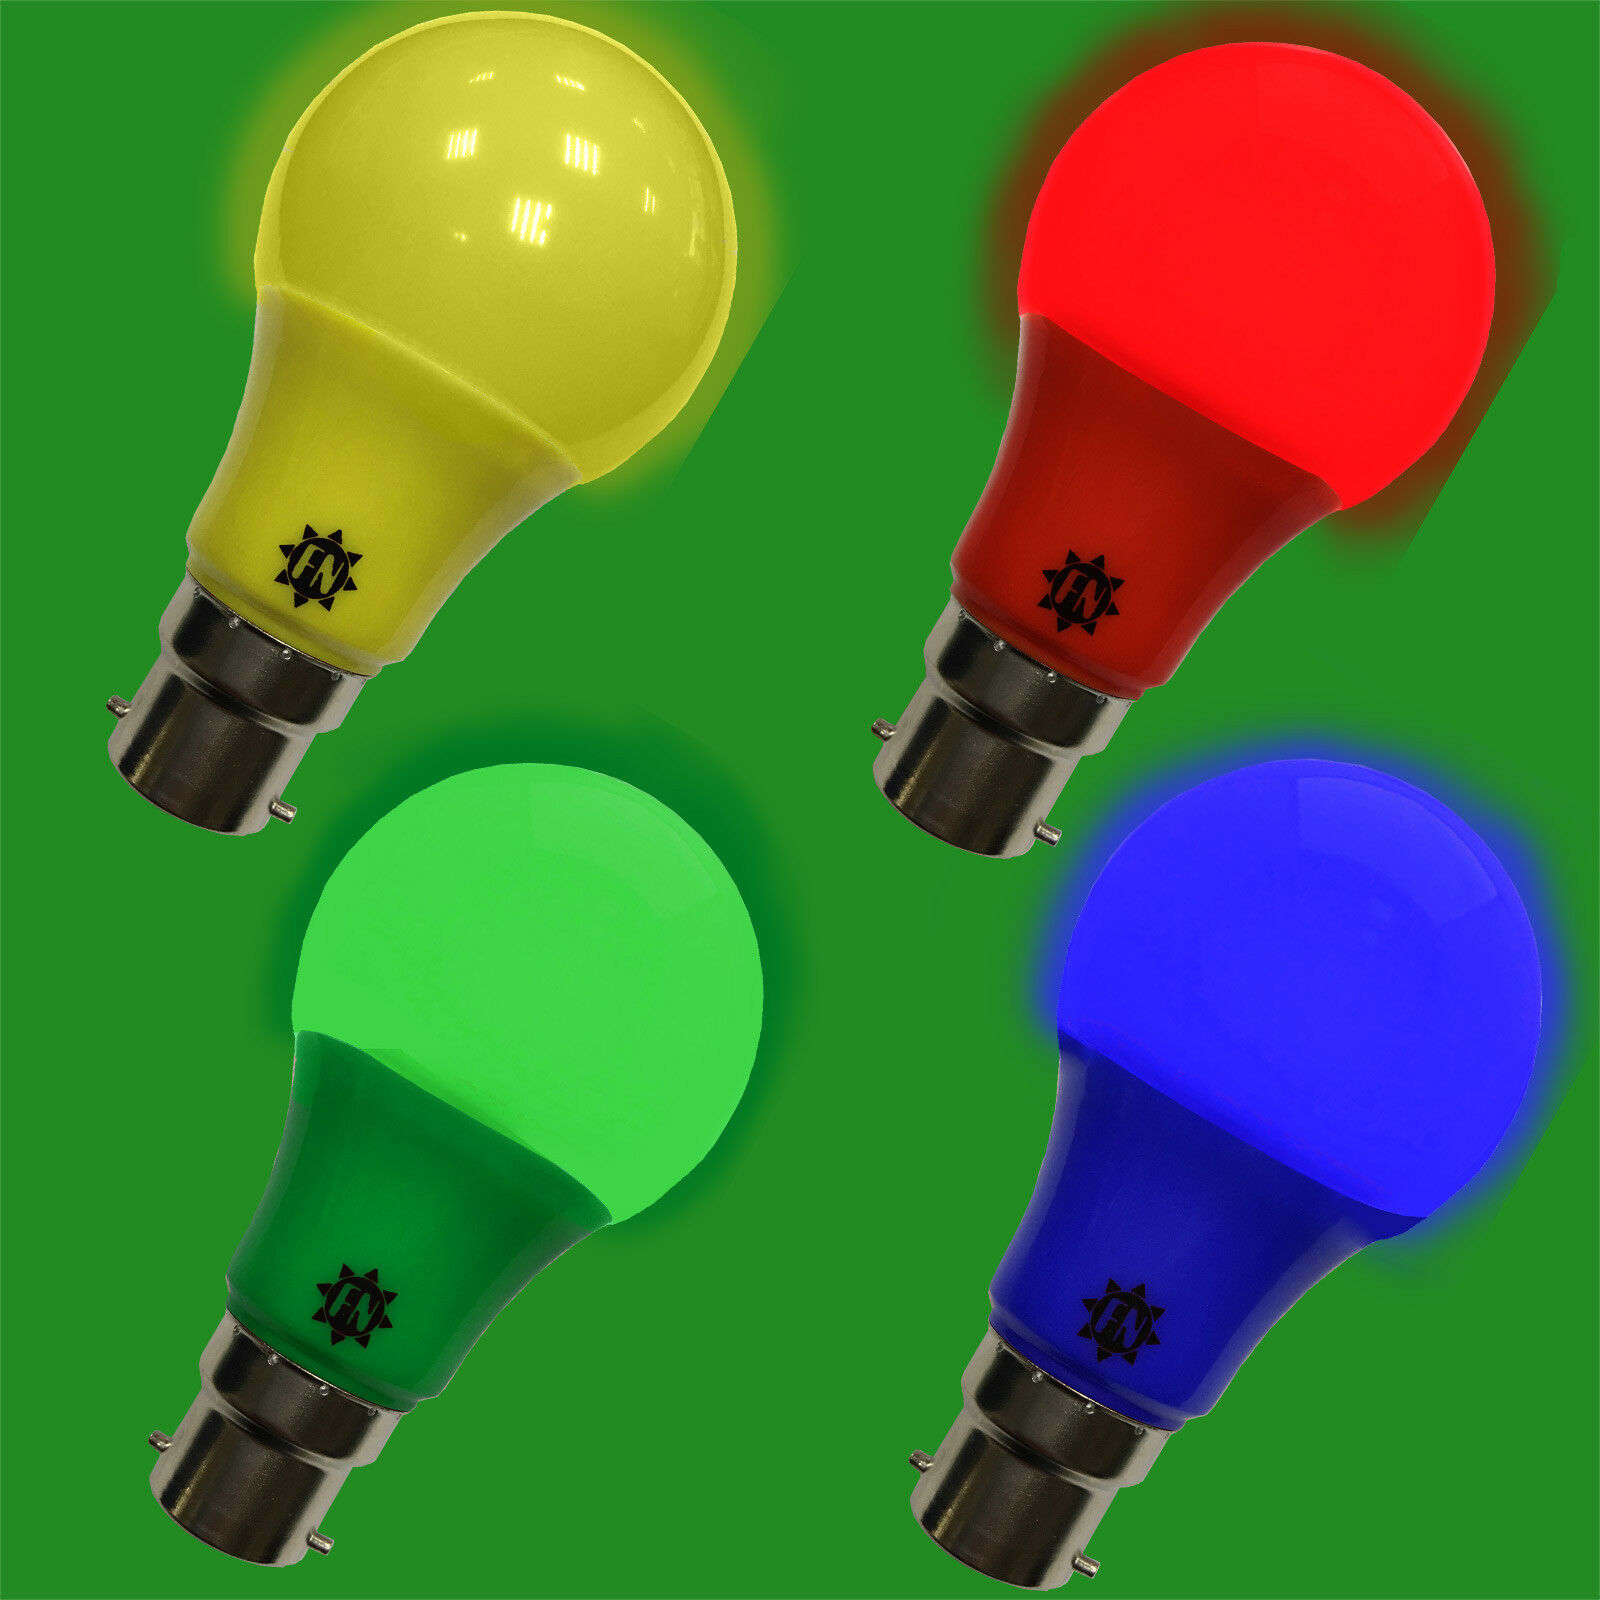 12x 6w Led Farbig A60 GLS Glühbirne Lampen BC B22 Rot, Blau, Grün, Gelb